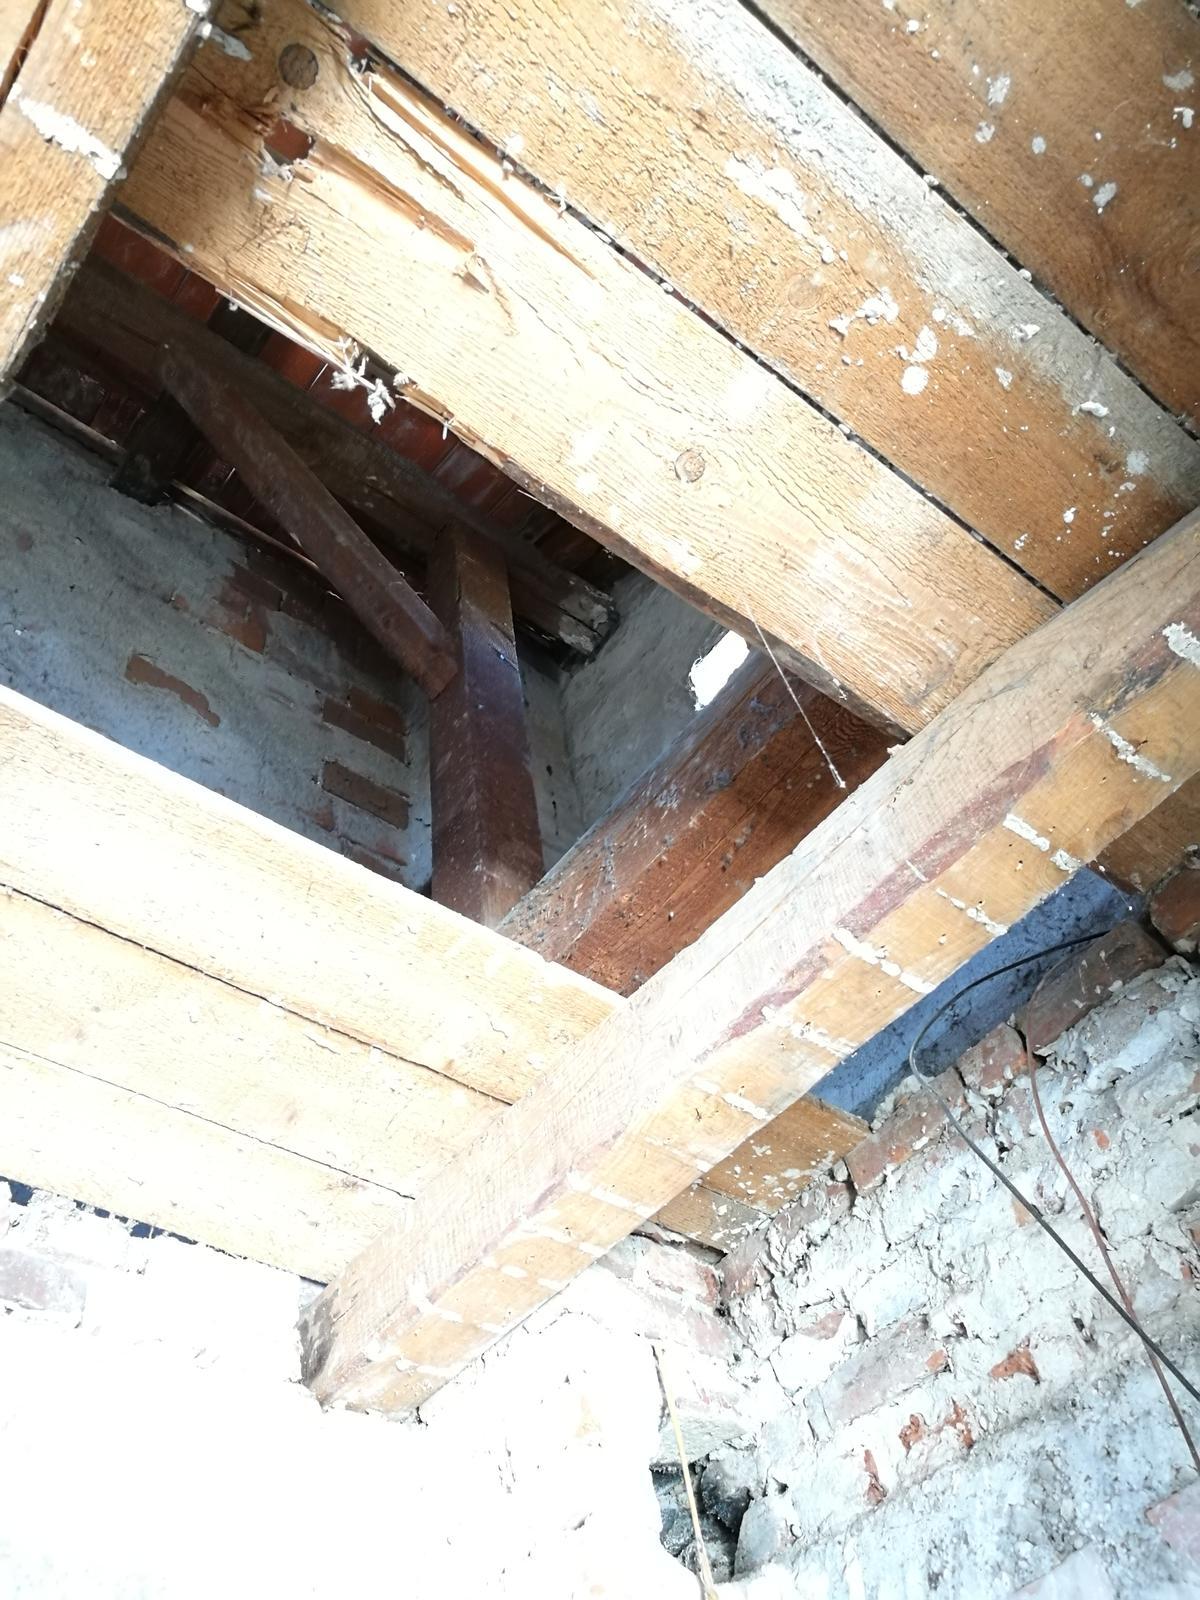 Náš budúci domov - rekonštrukcia rodinného domu - Obrázok č. 65